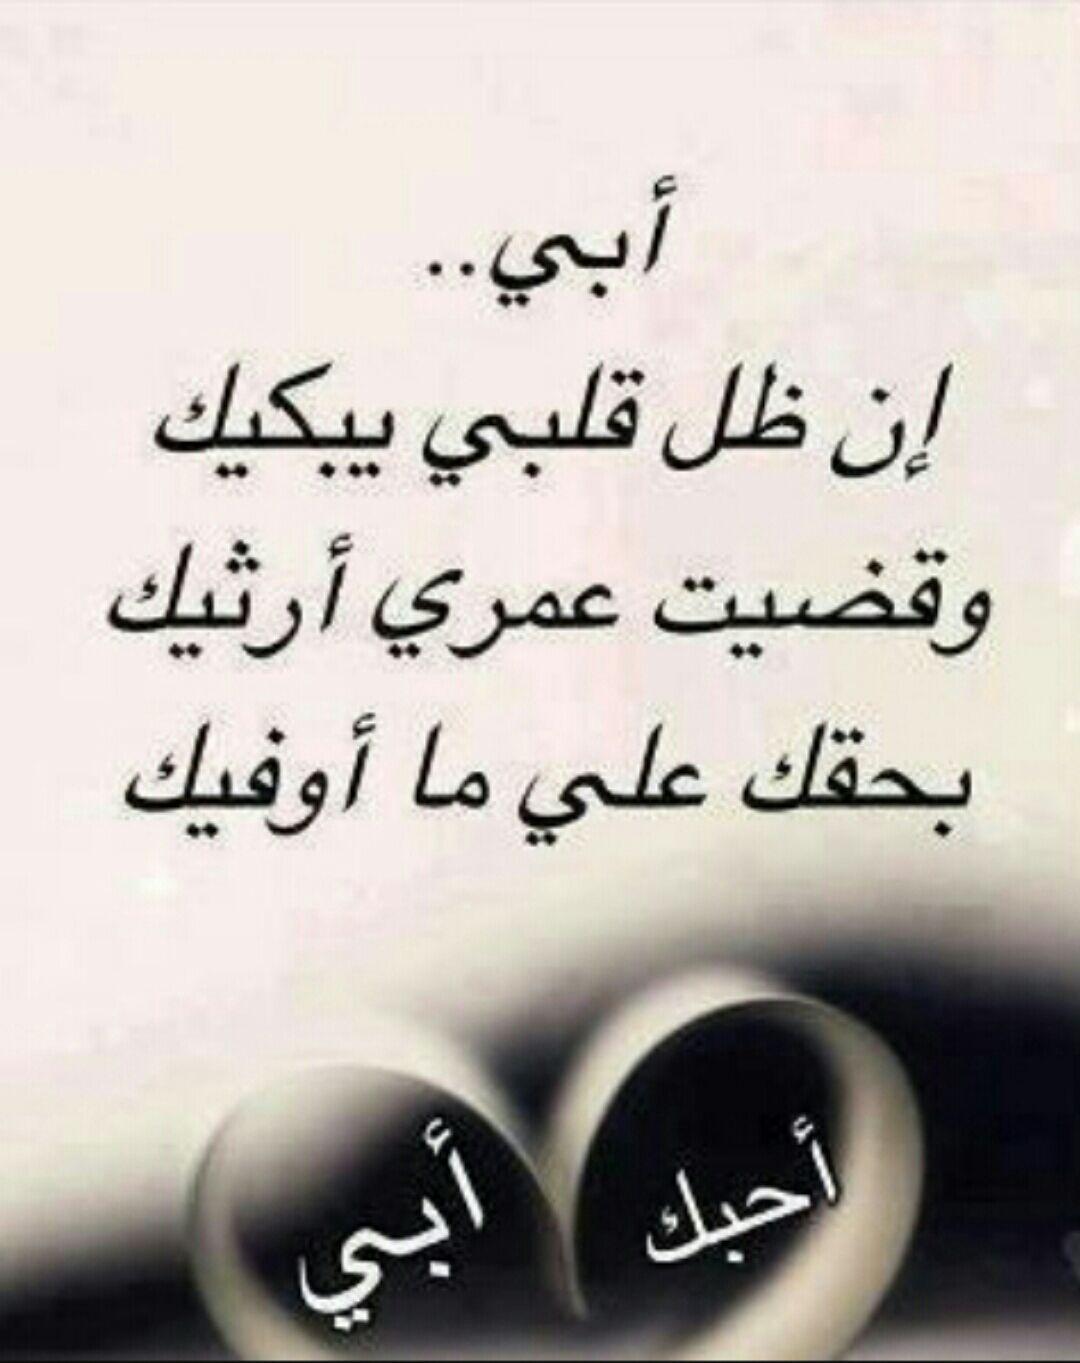 صورة قصيدة عن الاب , الاب هو مصدر الحب والحنان